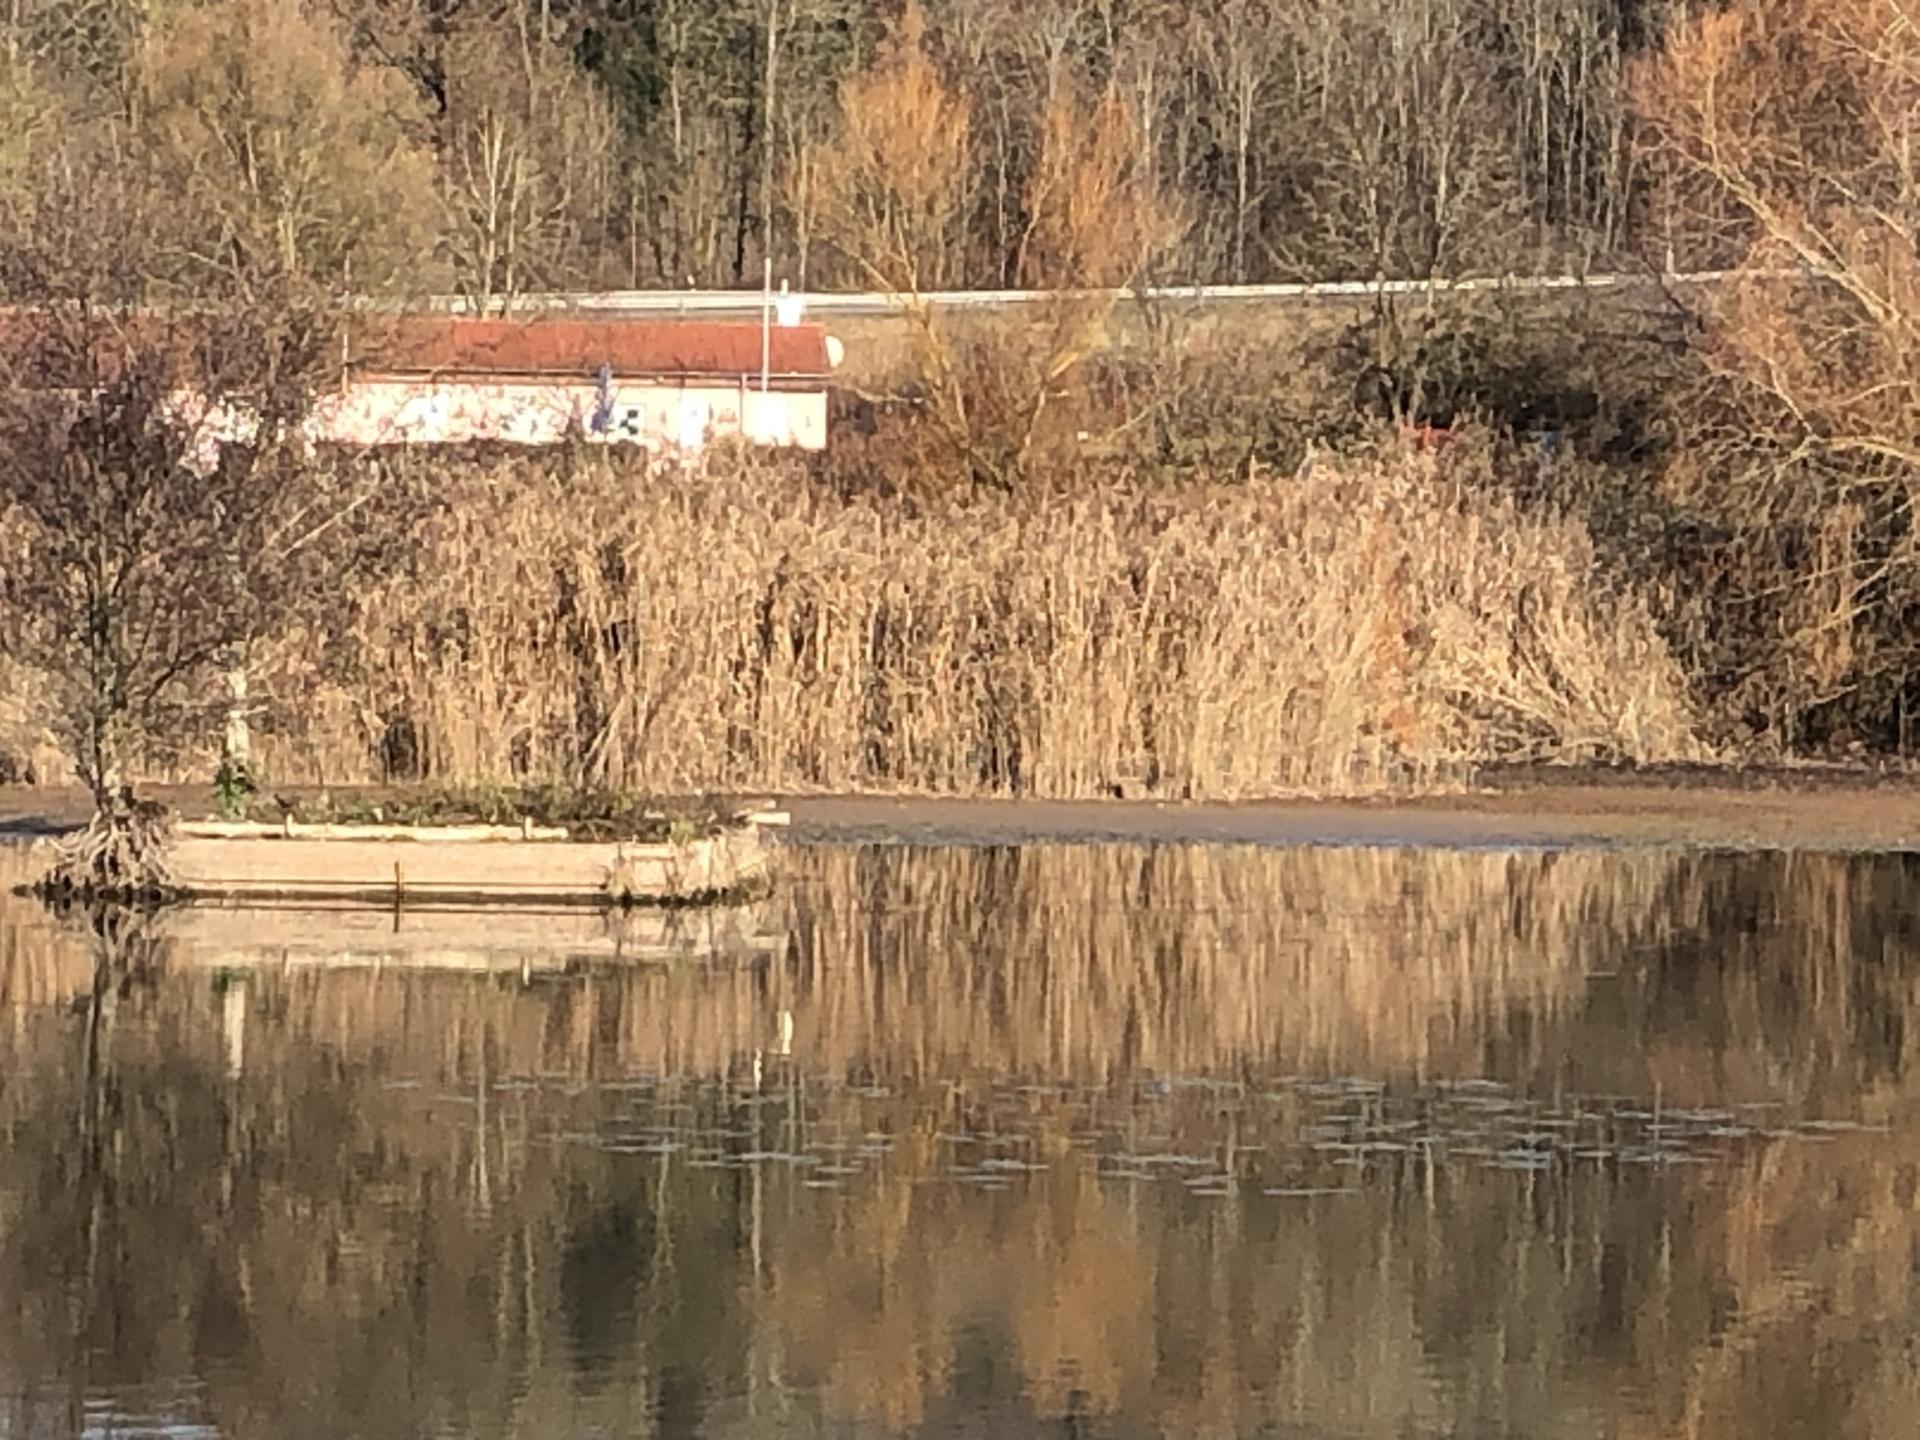 Wasserknappheit See 2